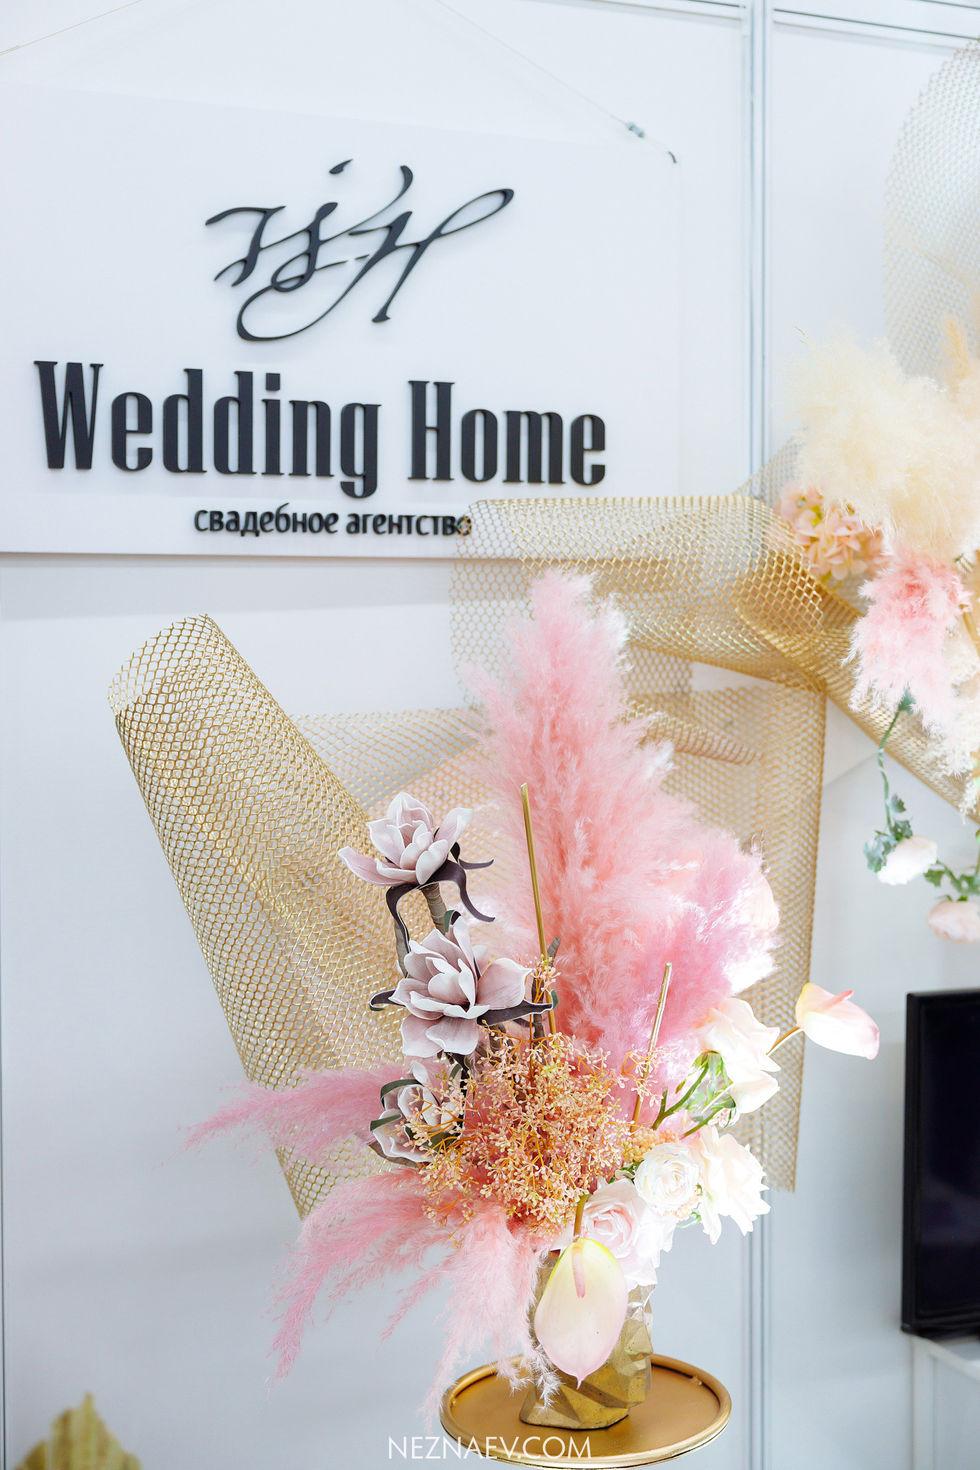 2020.03.01 Wedding Expo-003.jpg